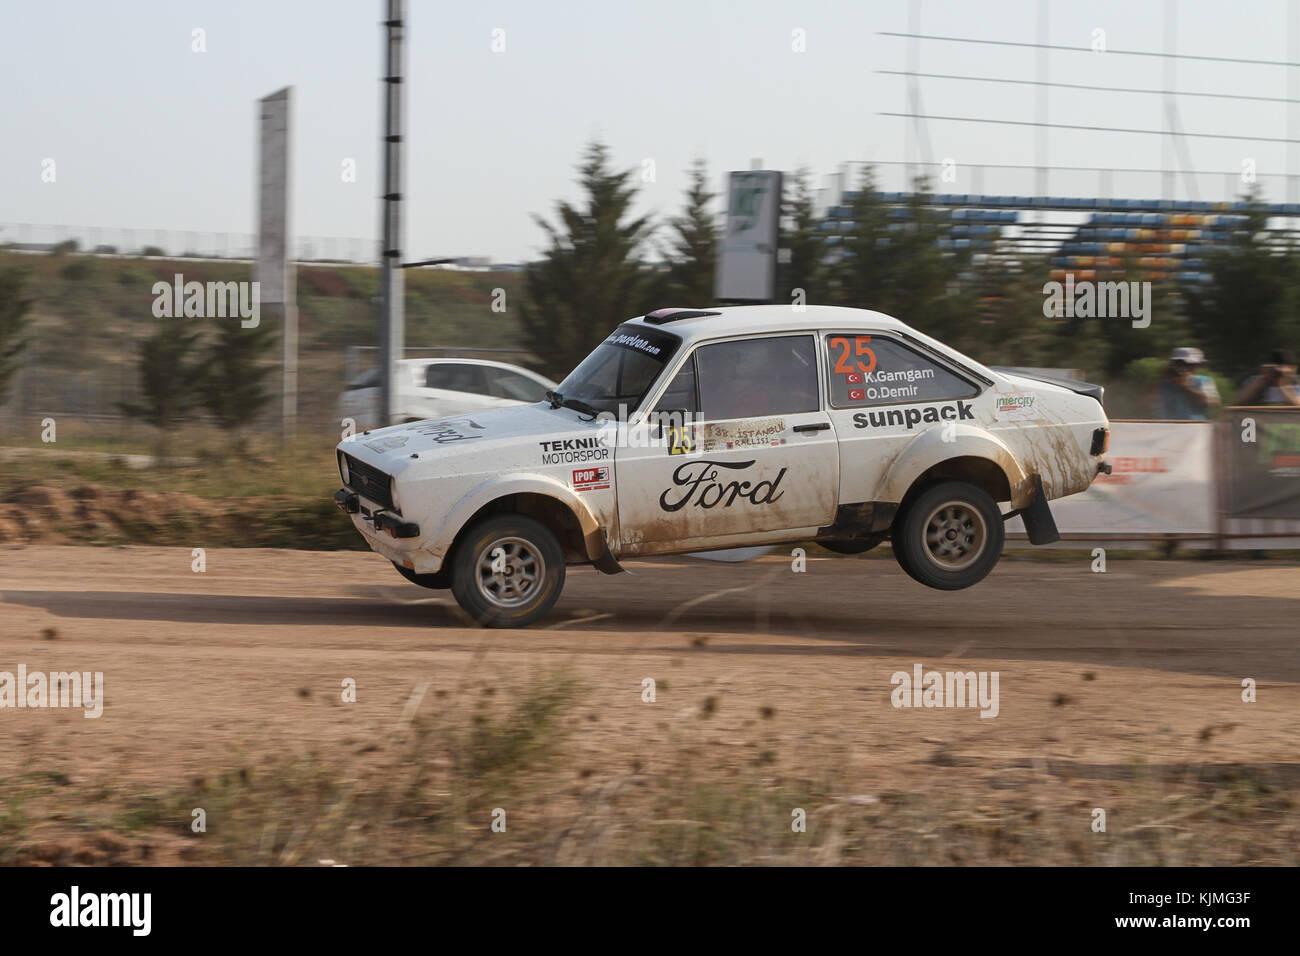 Istanbul, Türkei - 10. September 2017: kemal gamgam Antriebe Ford Escort MKI in isok Istanbul Rallye Stockbild